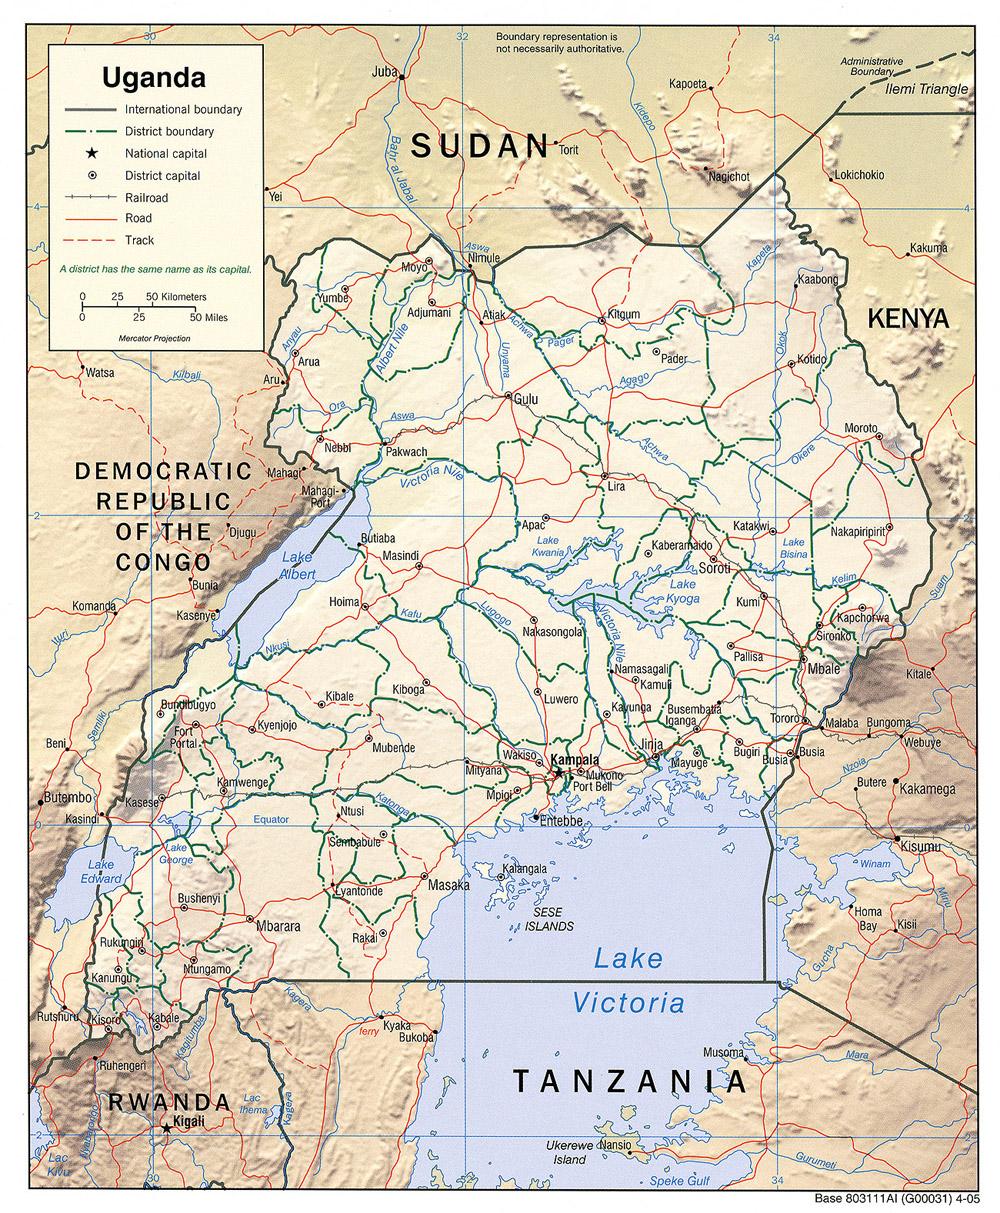 Mapa de Relieve Sombreado de Uganda